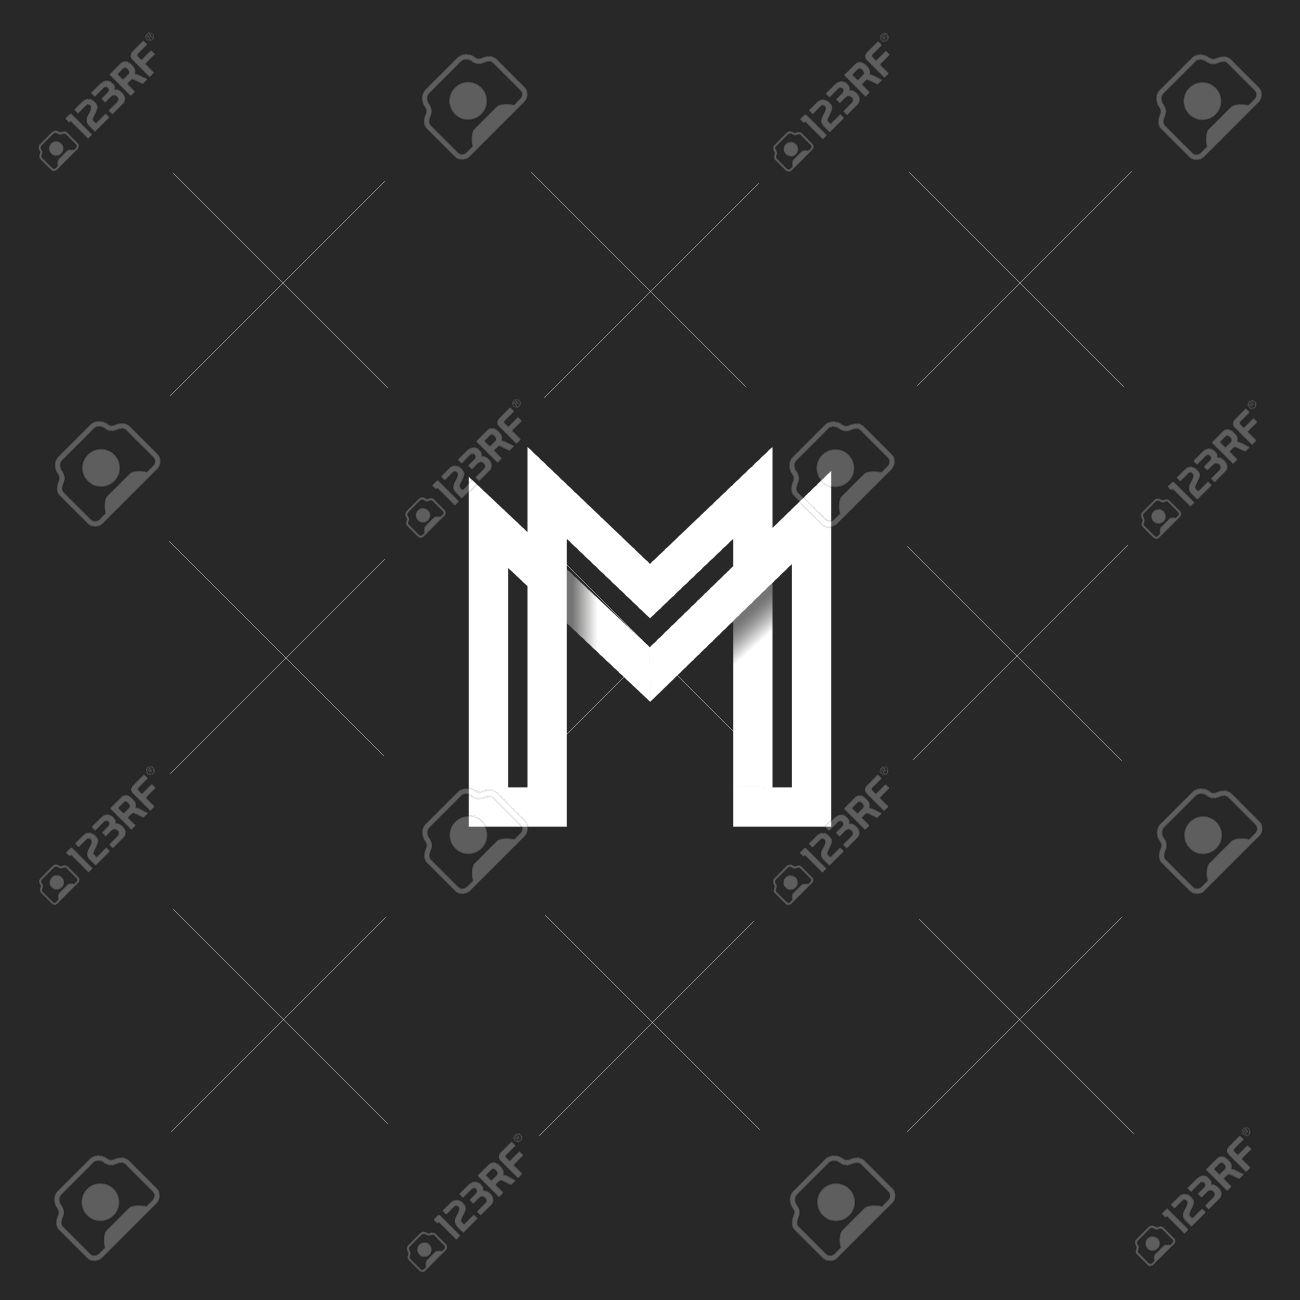 Letter M Logo Monogram Overlapping Line Mark Mm Initials